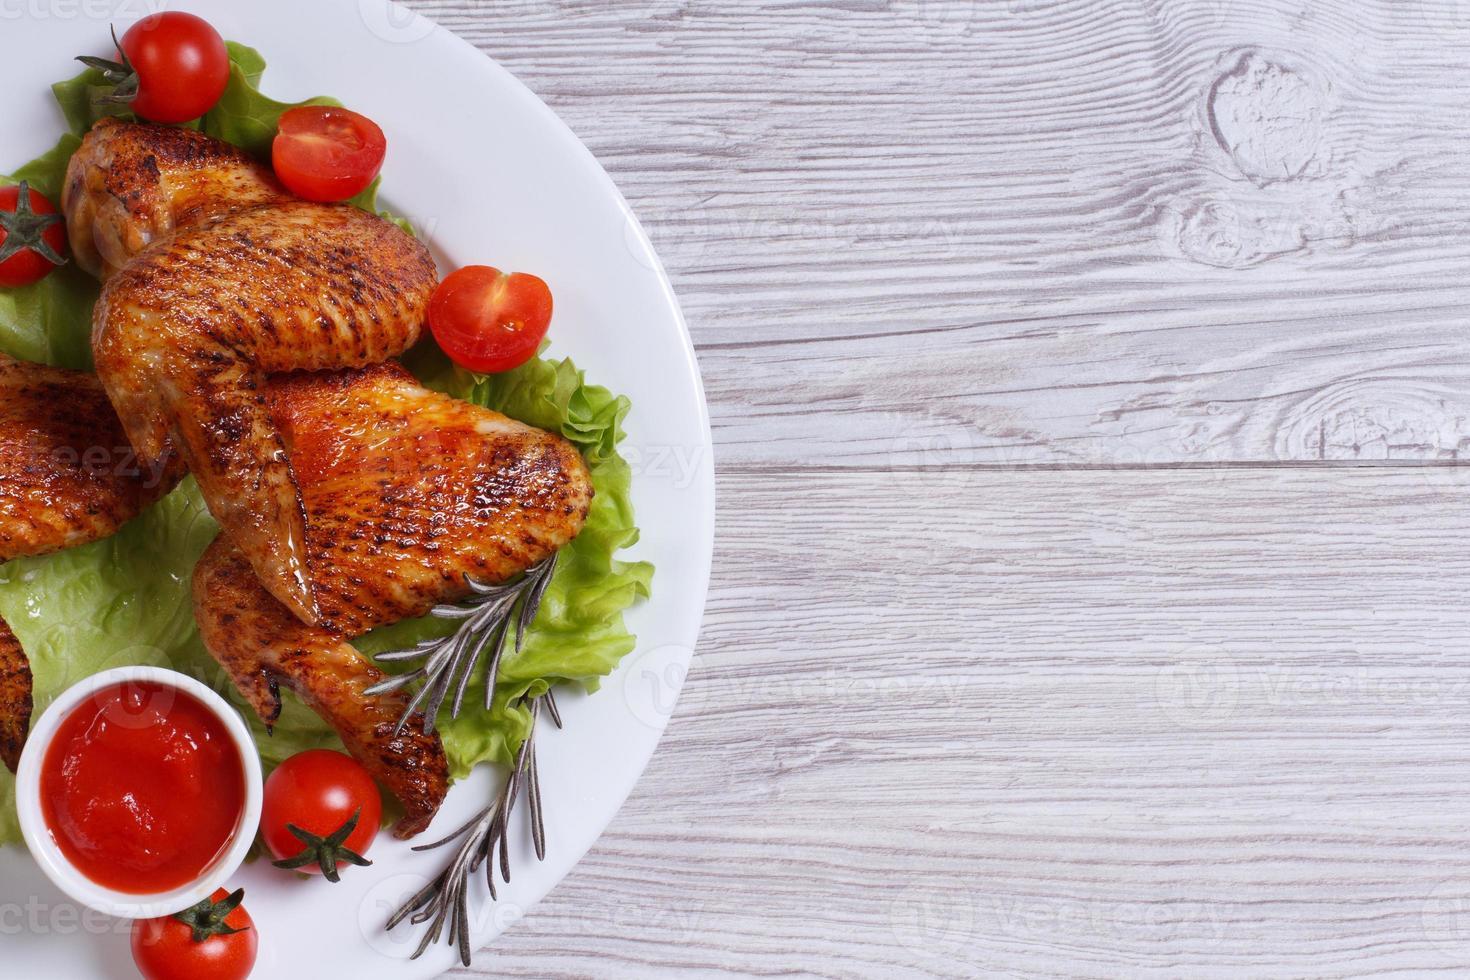 gebratene Hühnerflügel mit Sauce und Gemüse Draufsicht foto